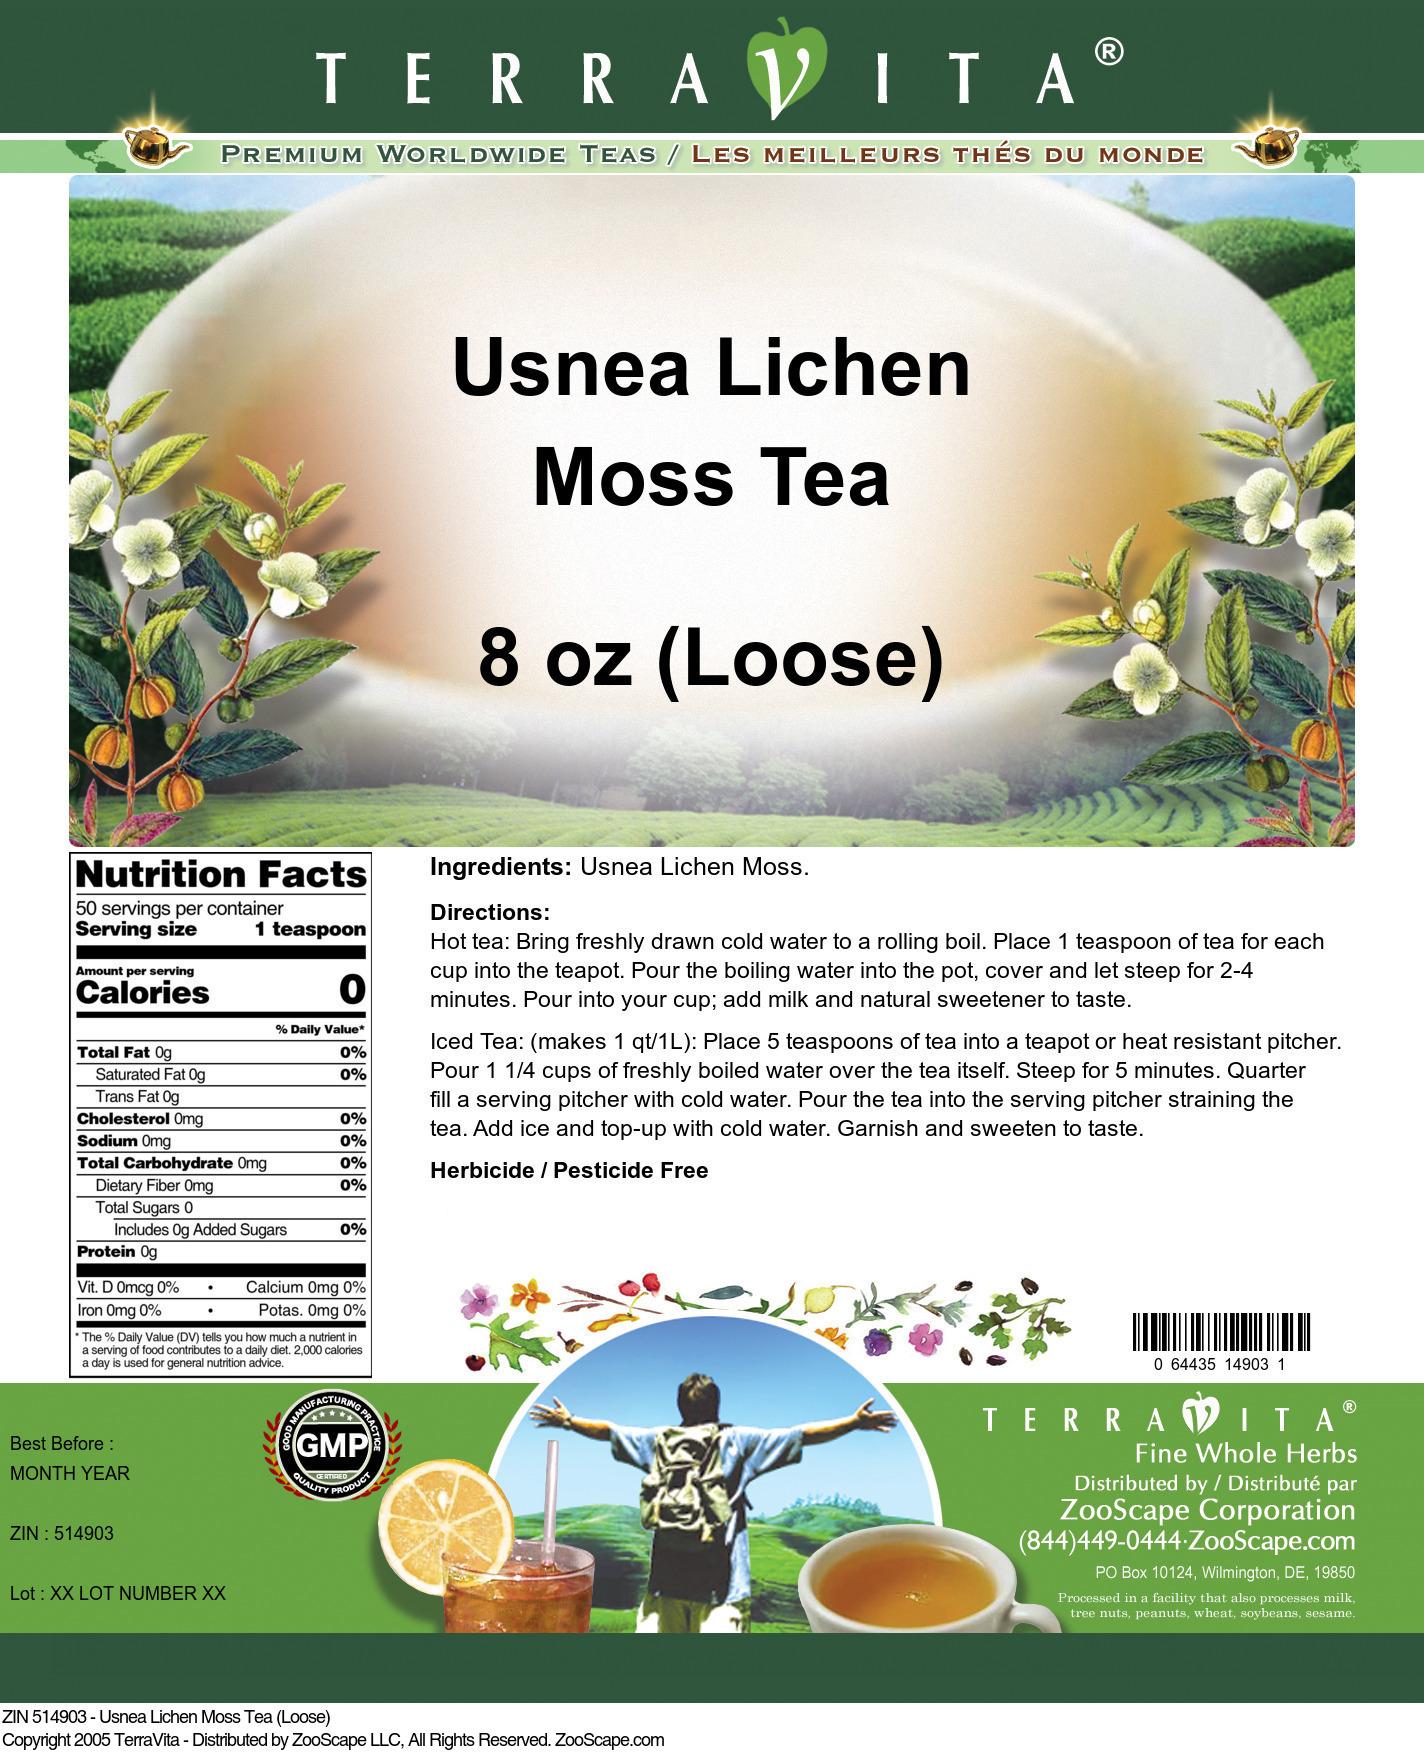 Usnea Lichen Moss